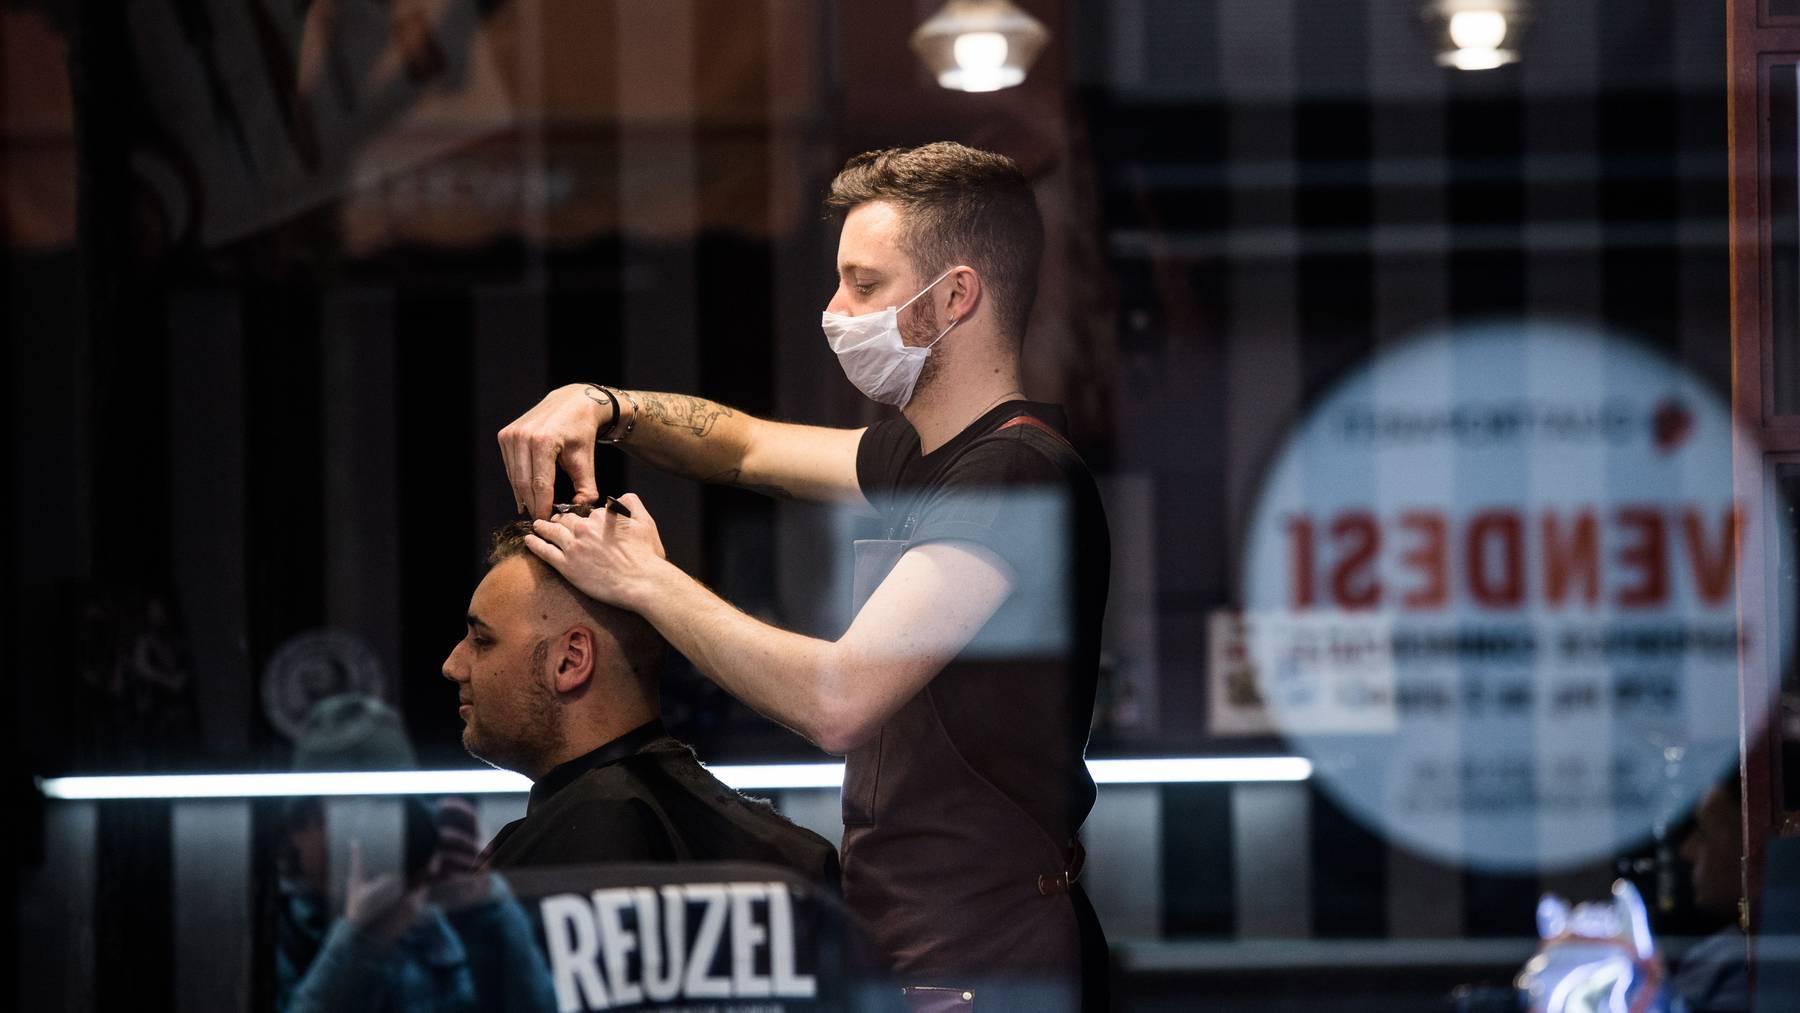 Als Friseure ihren Kunden noch die Haare schneiden durften.